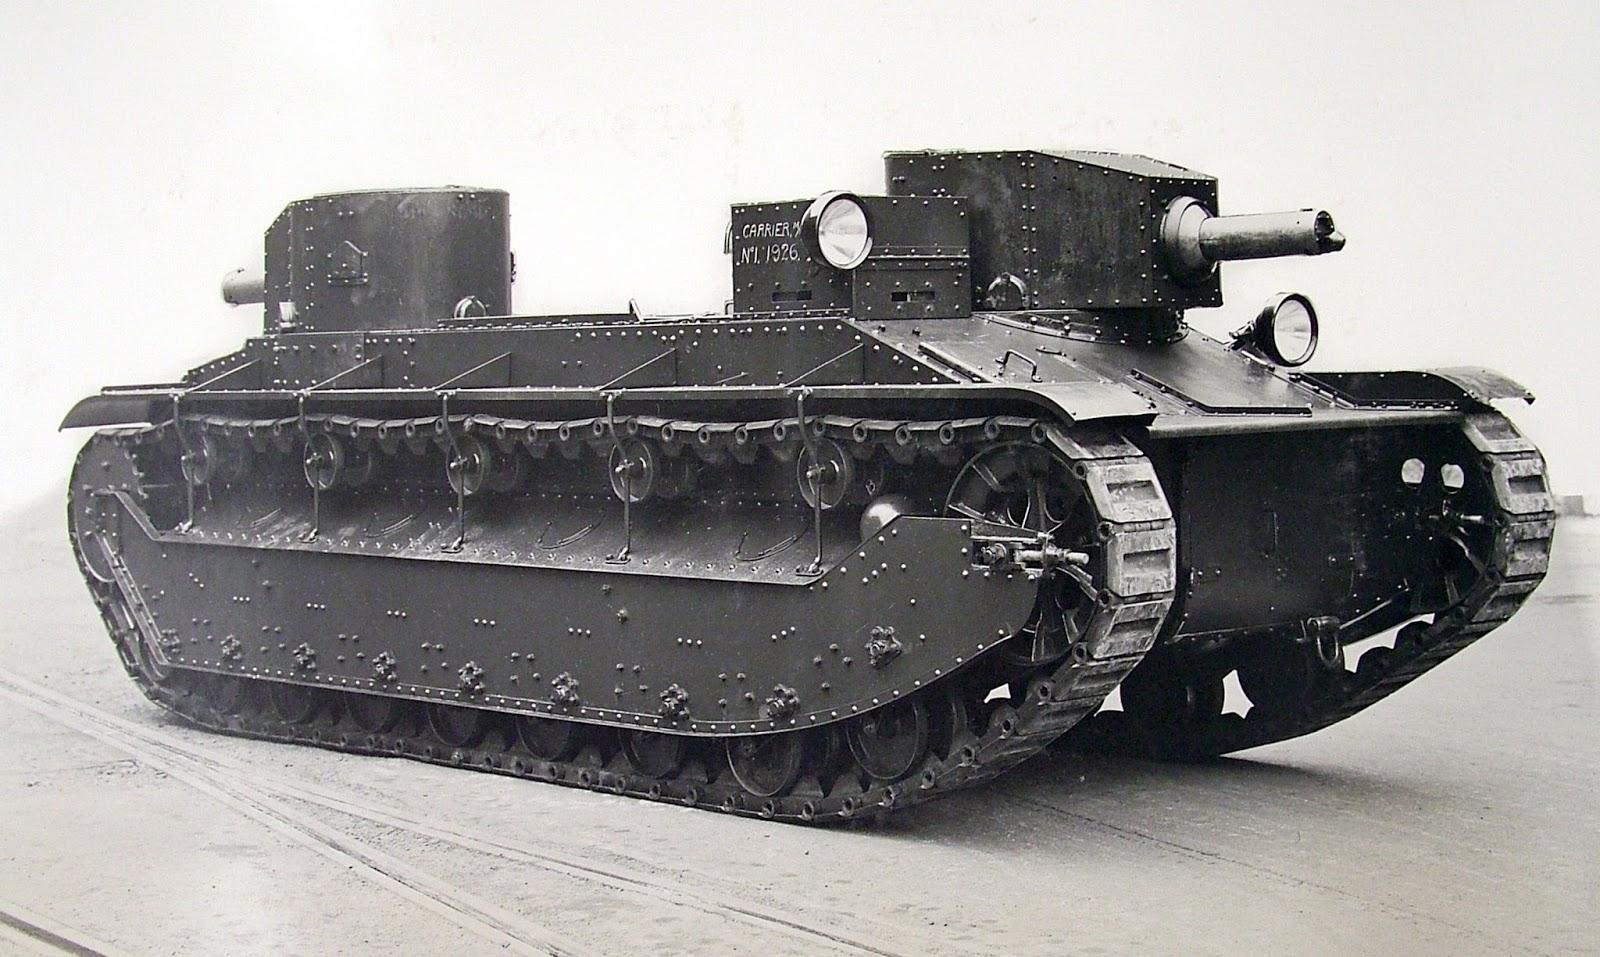 Carrier, Machine Gun, No. 1